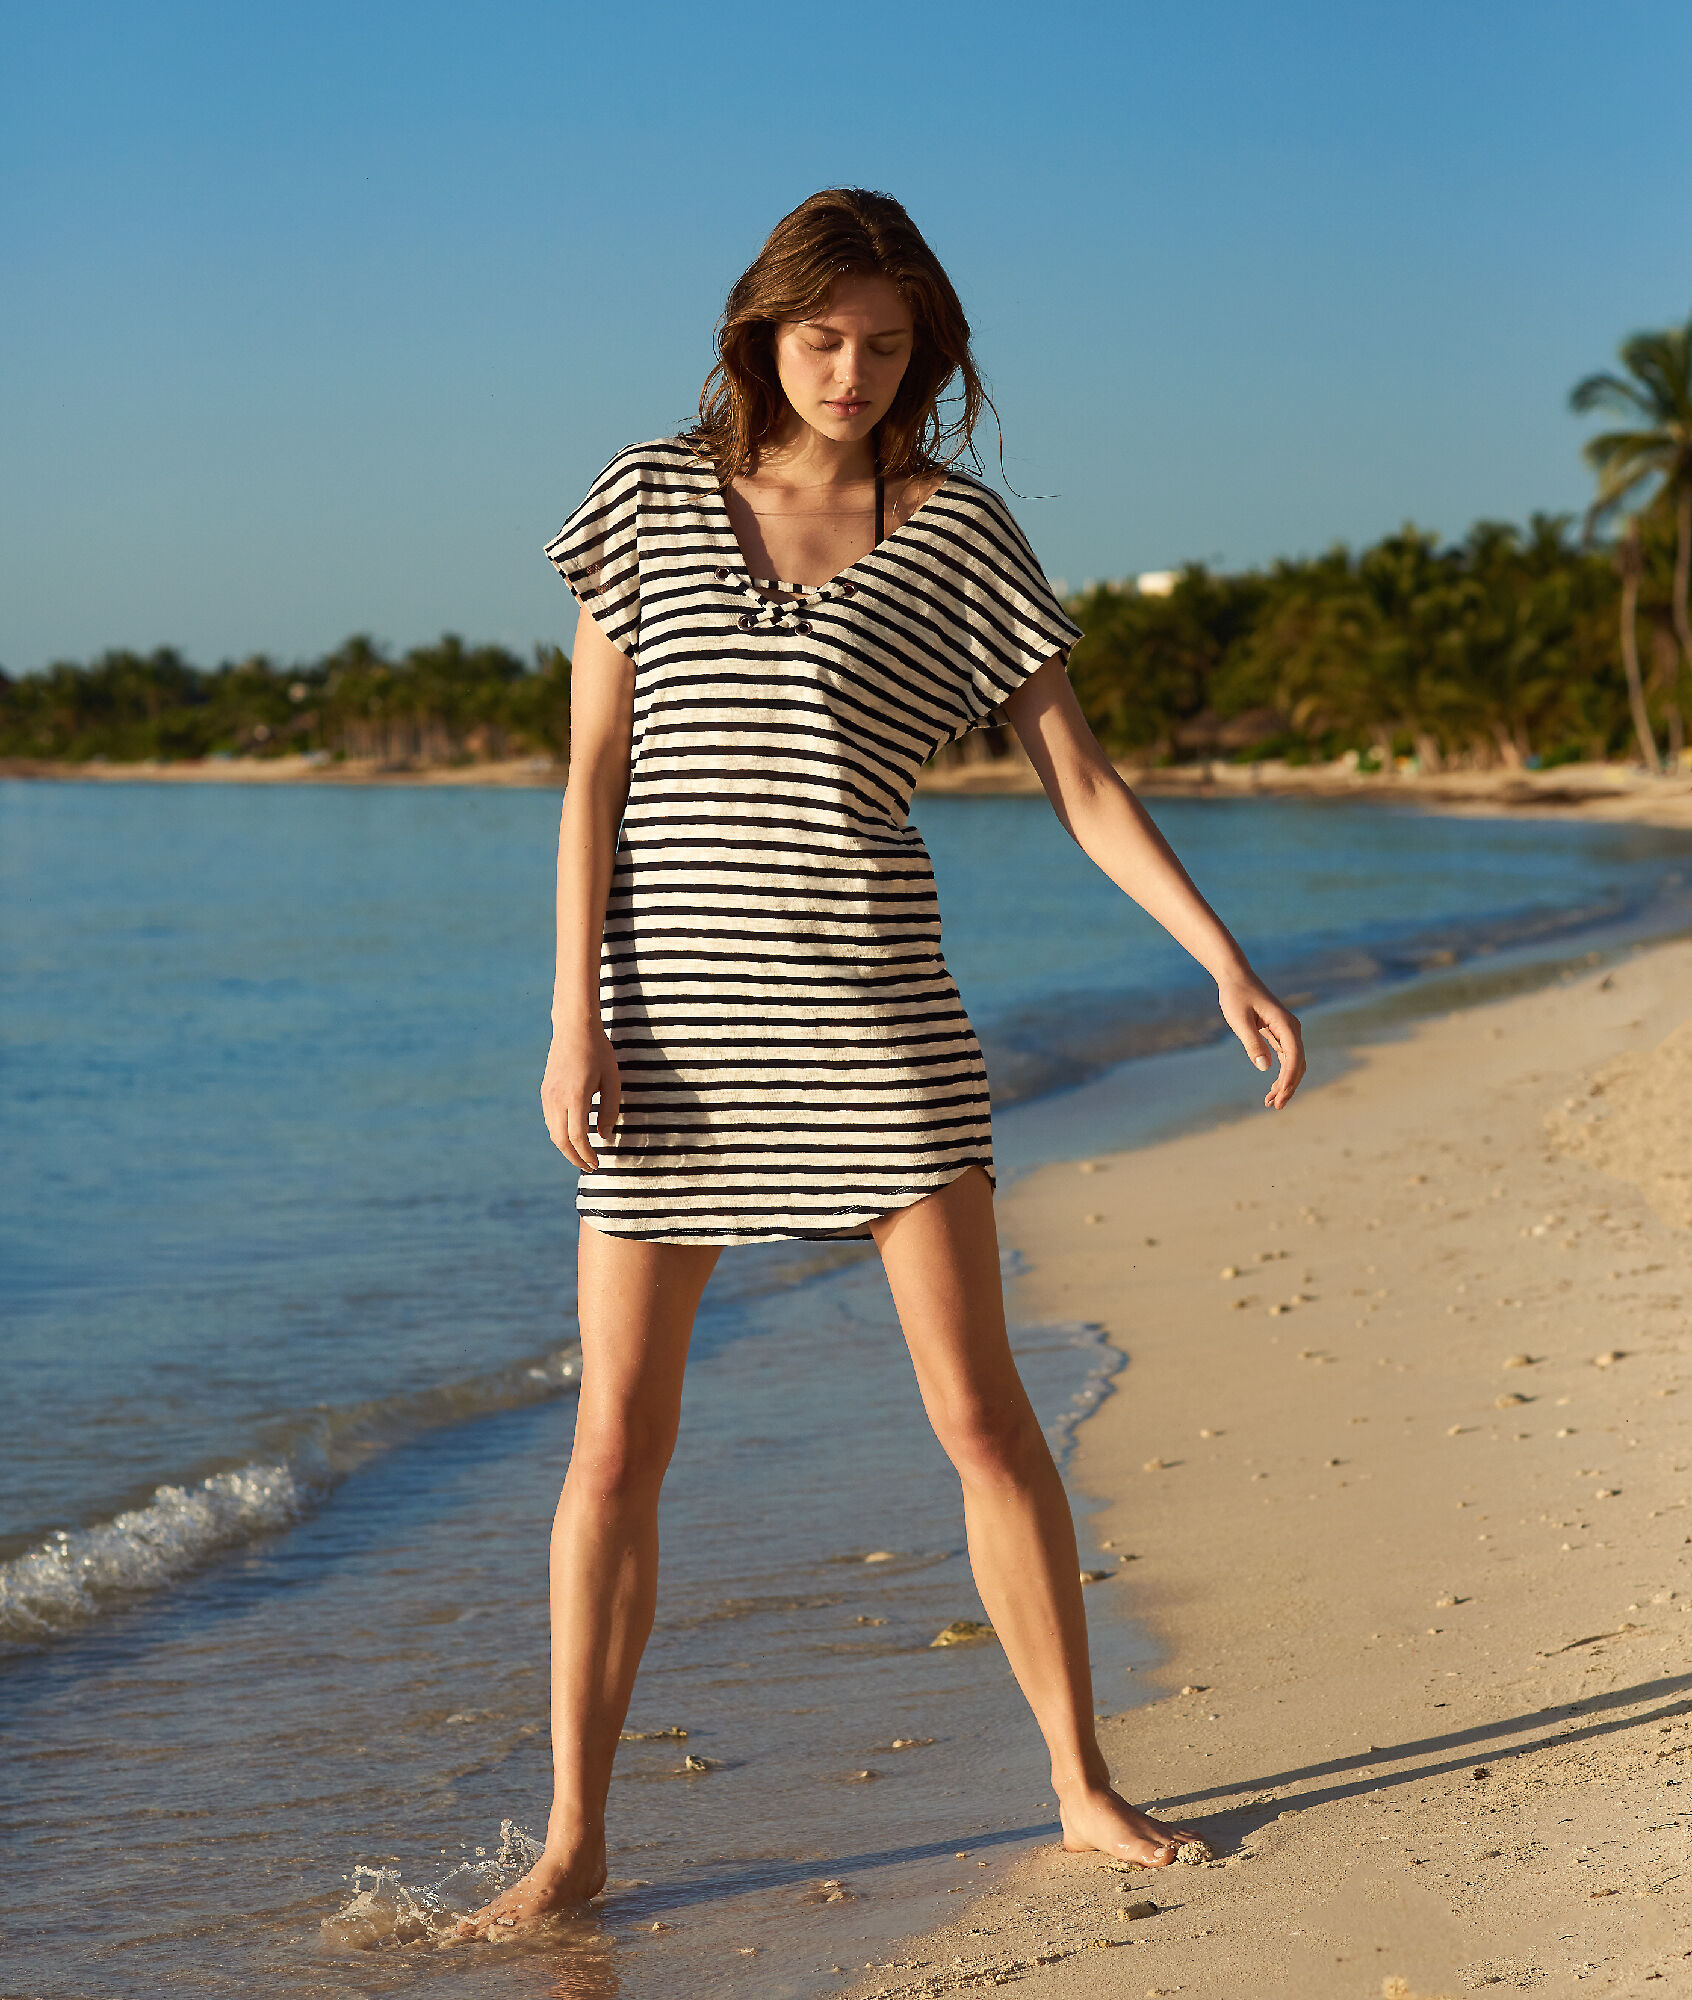 LOU Tunika plażowa w paski, metalowe oczka